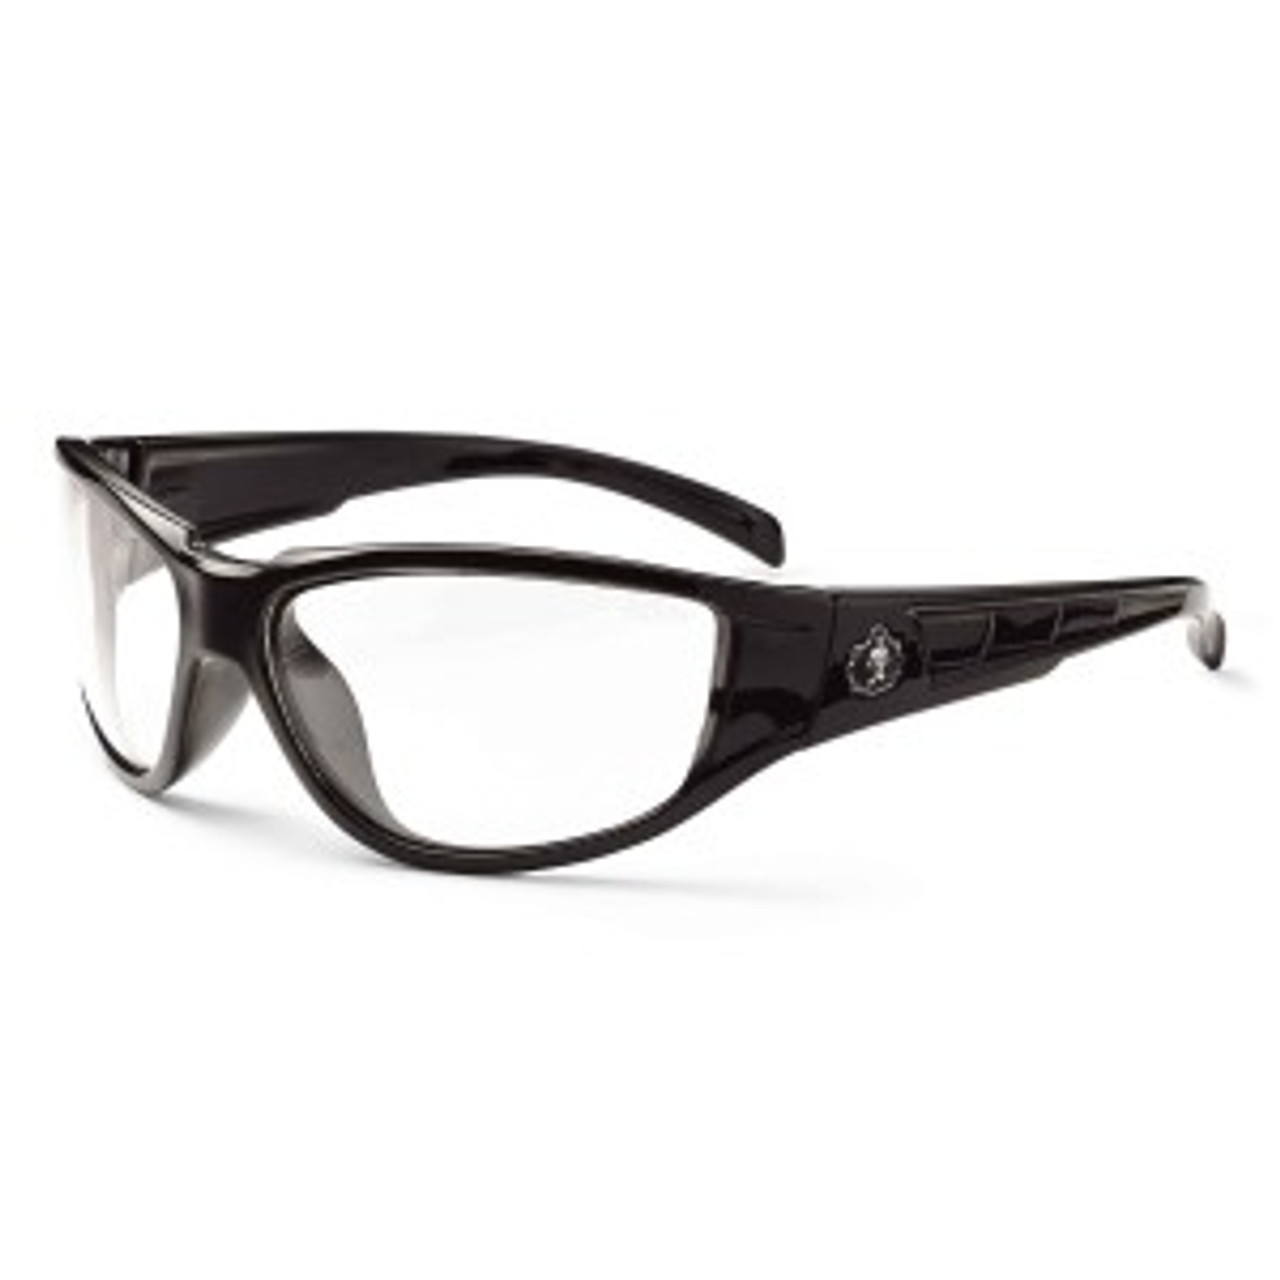 Skullerz® Njord Safety Glasses